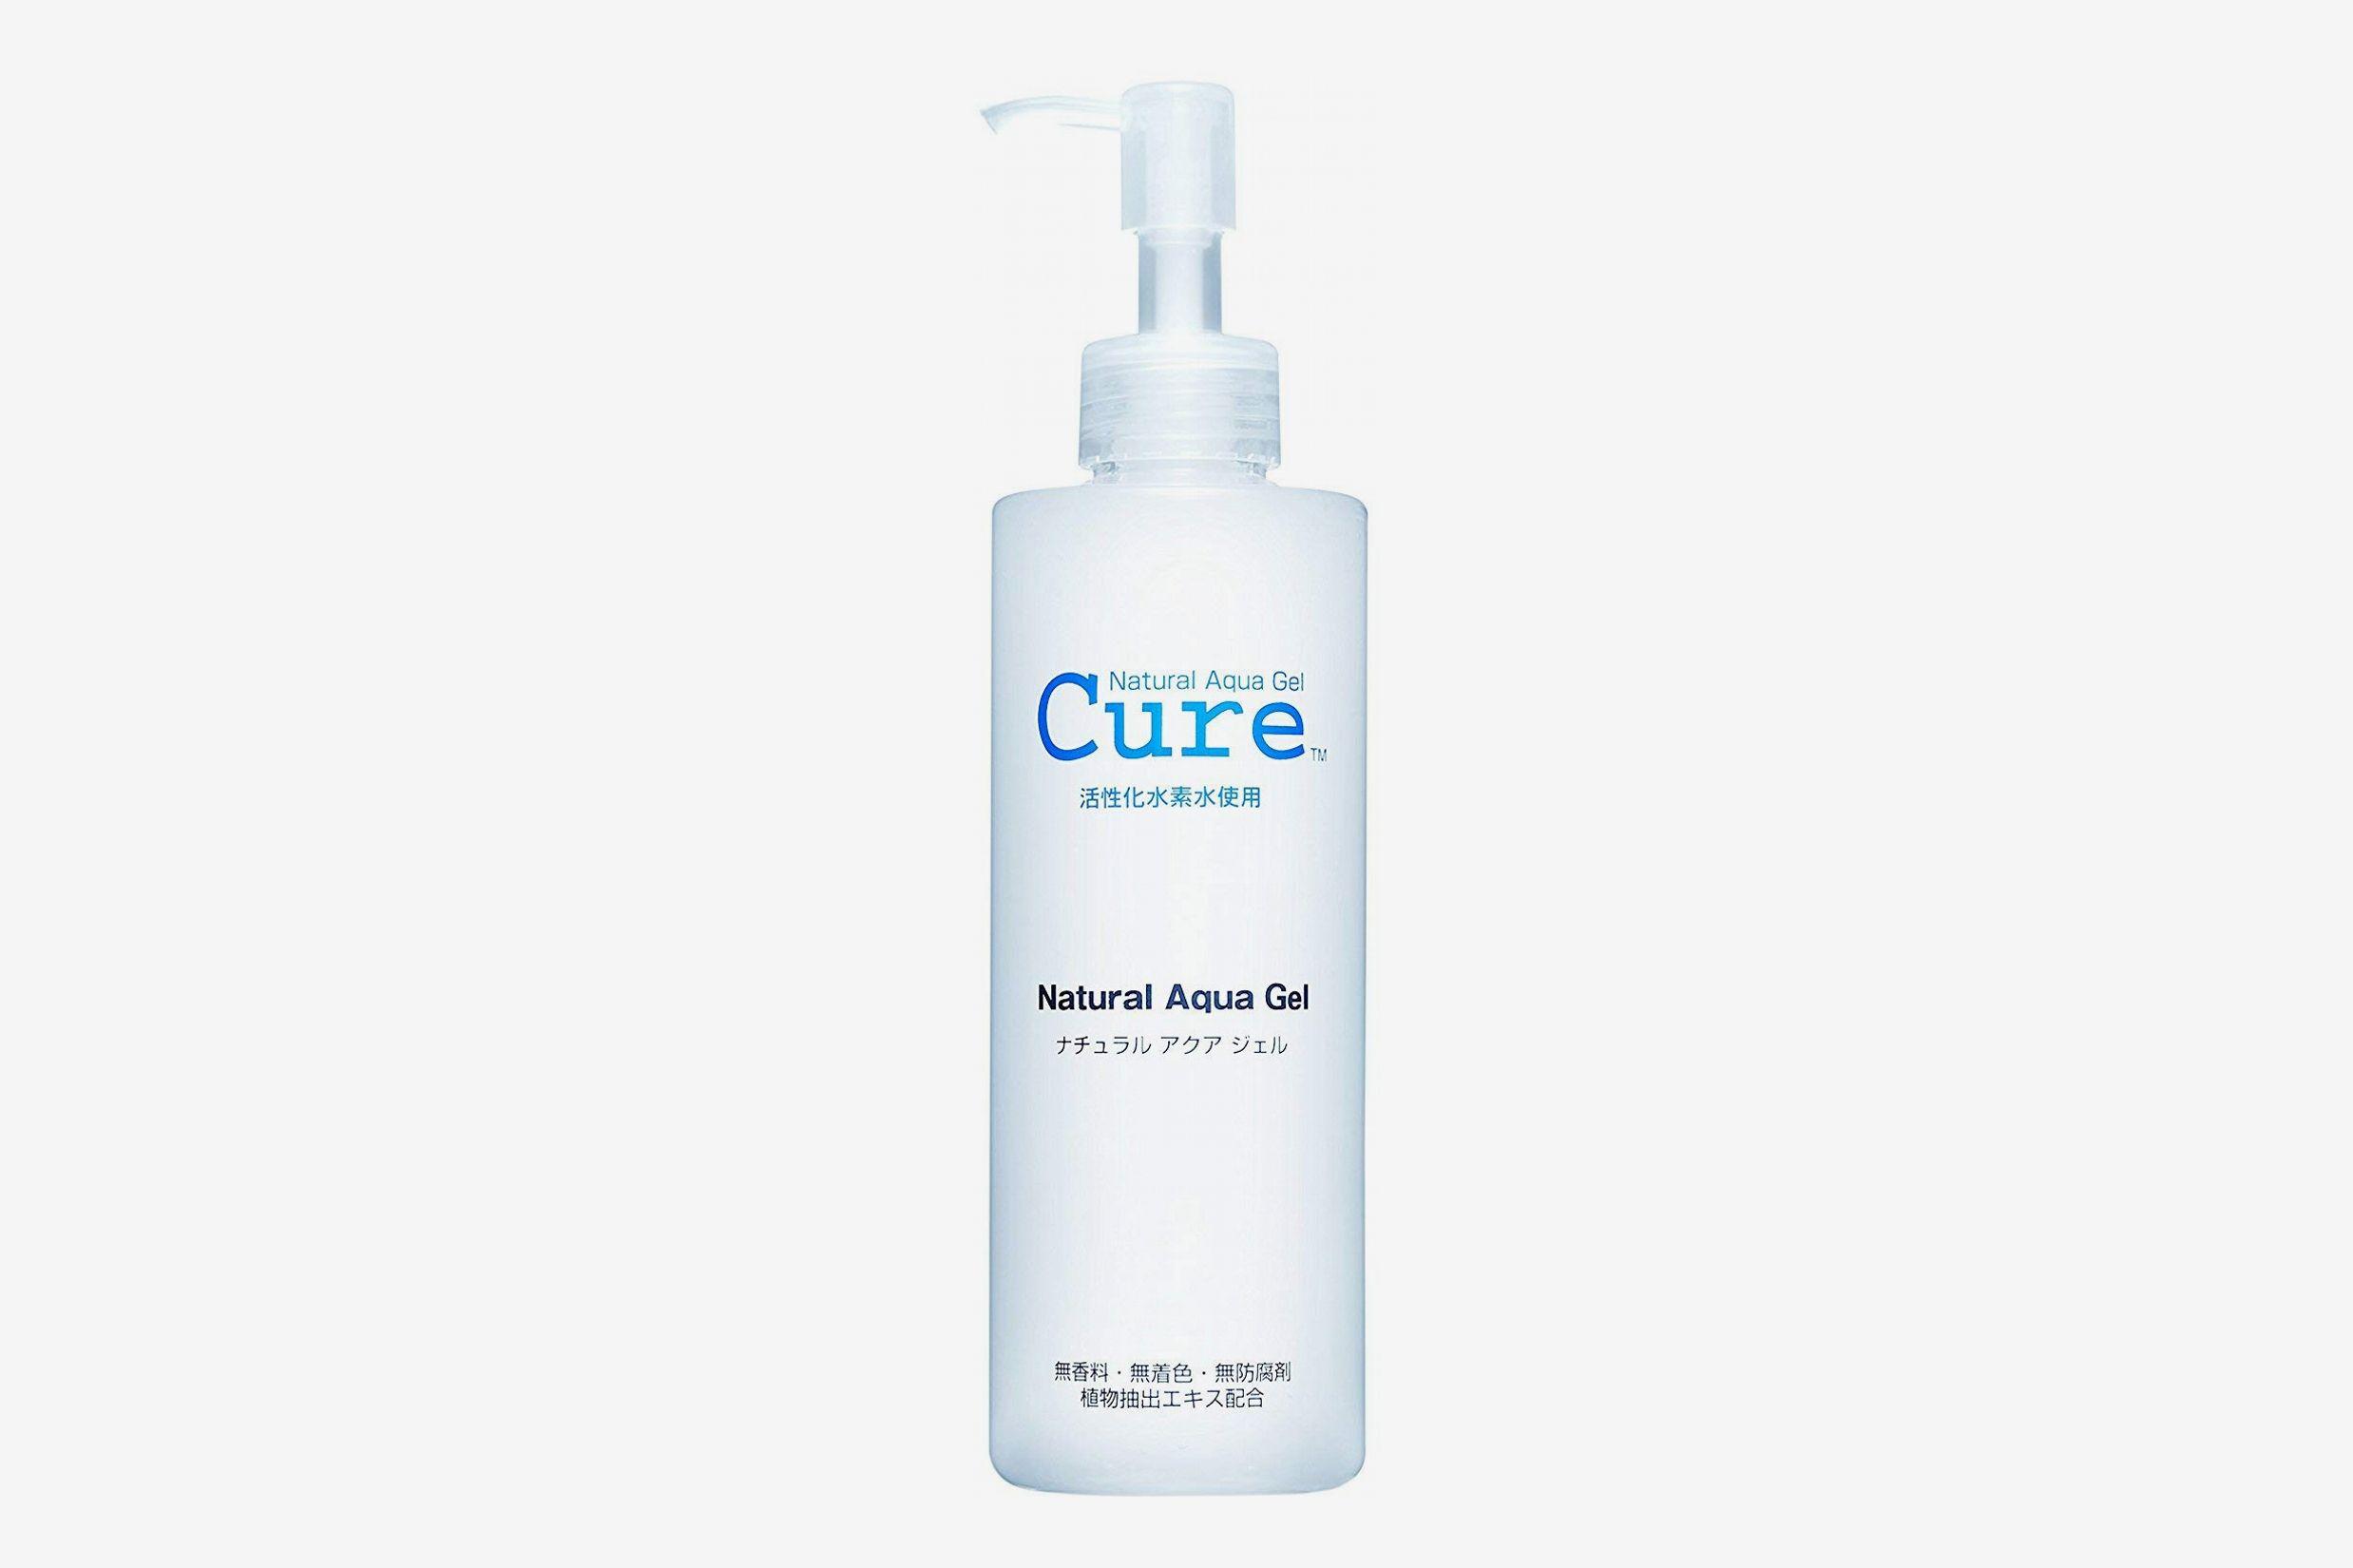 TOYO Cure Natural Aqua Gel